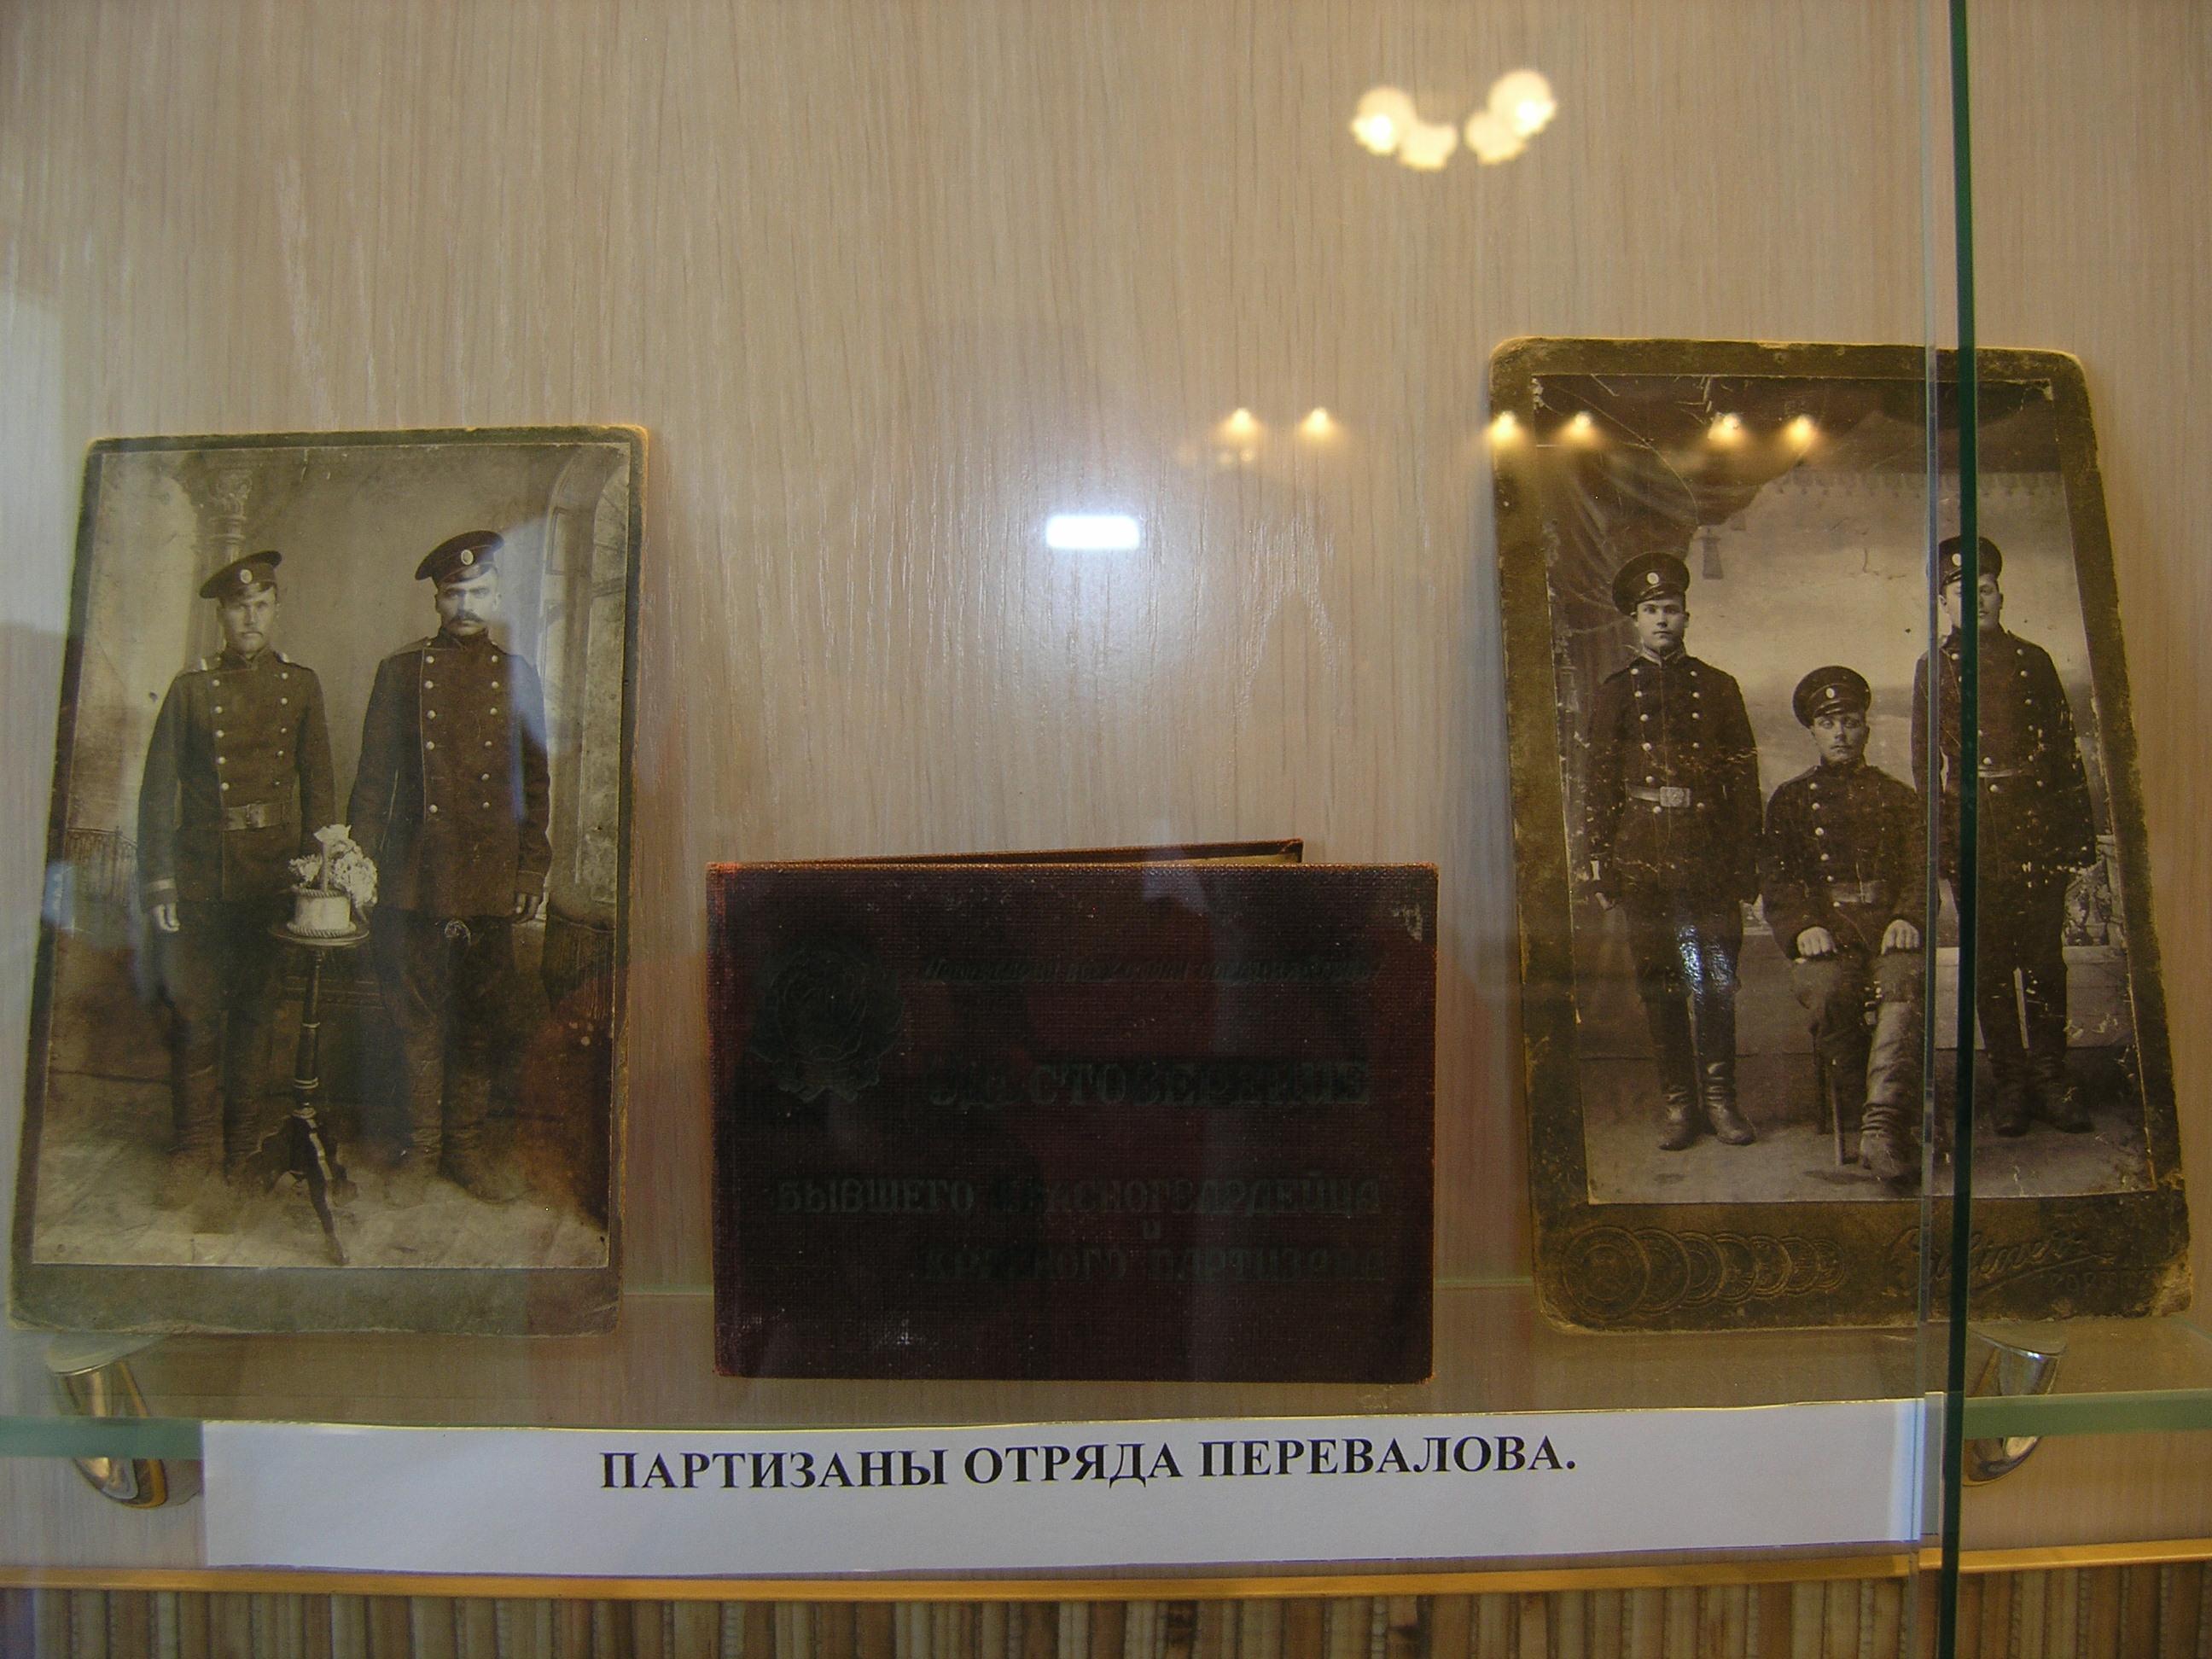 Партизаны отряда Перевалова